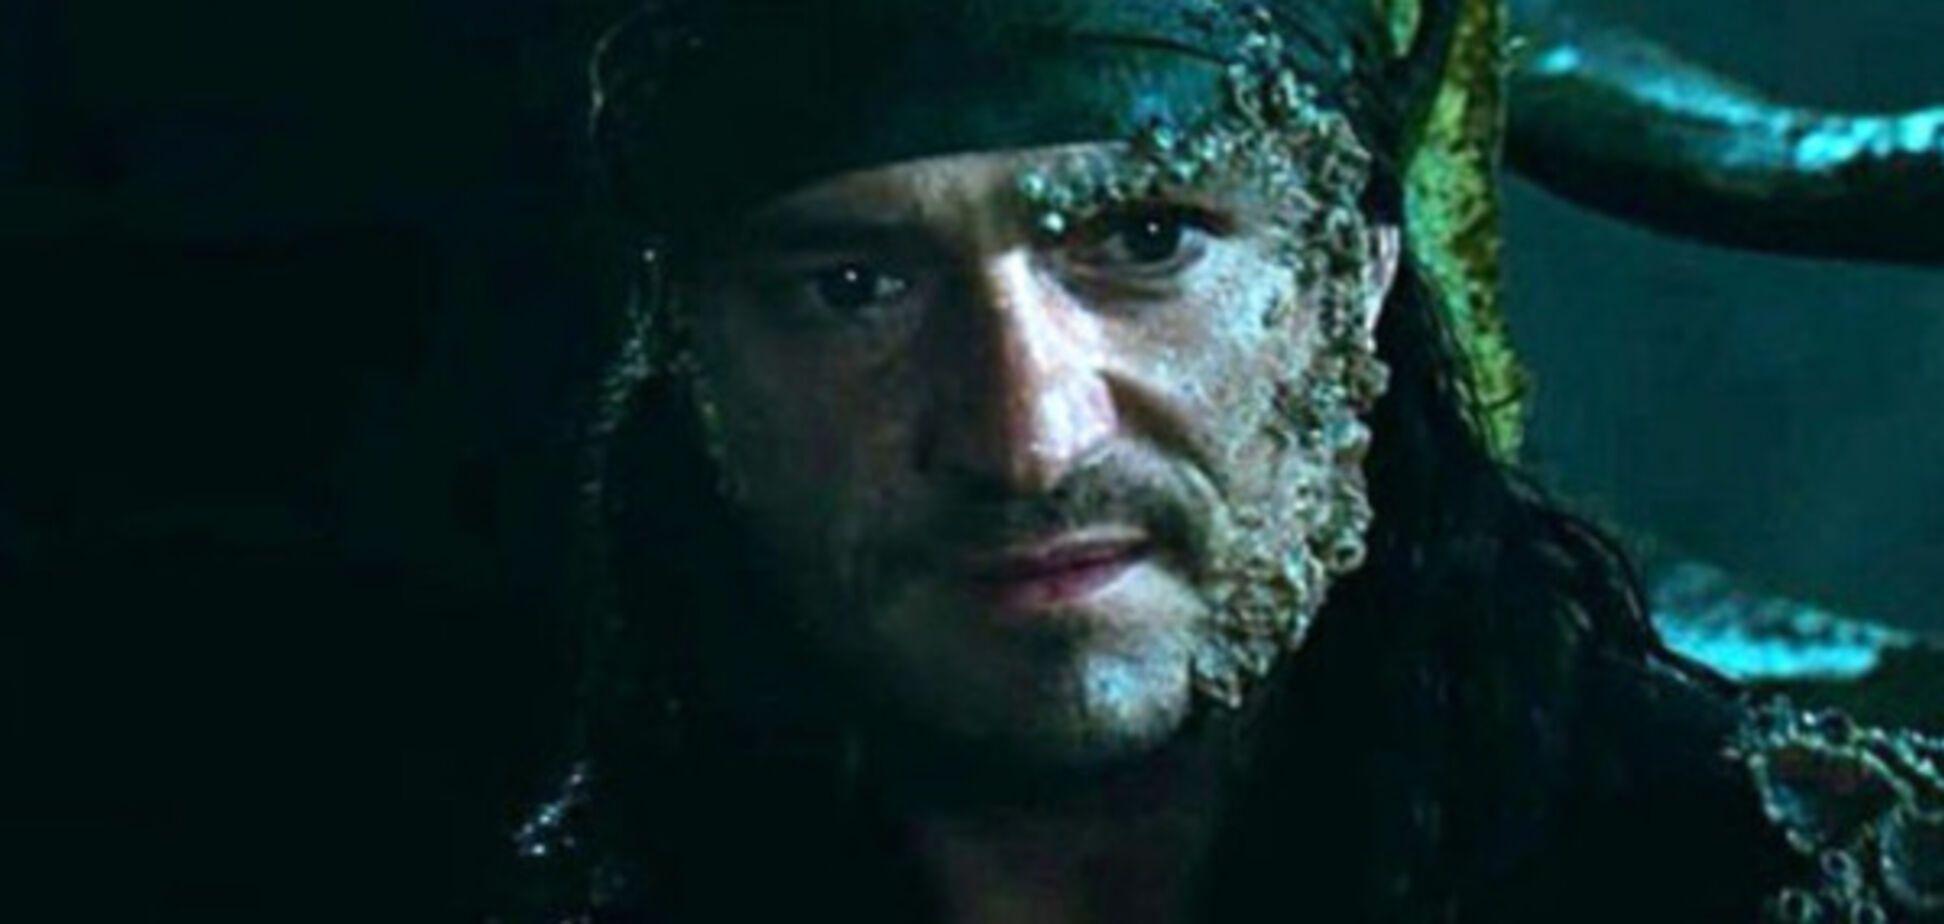 Возвращение Орландо Блума: вышел новый трейлер 'Пиратов Карибского моря'